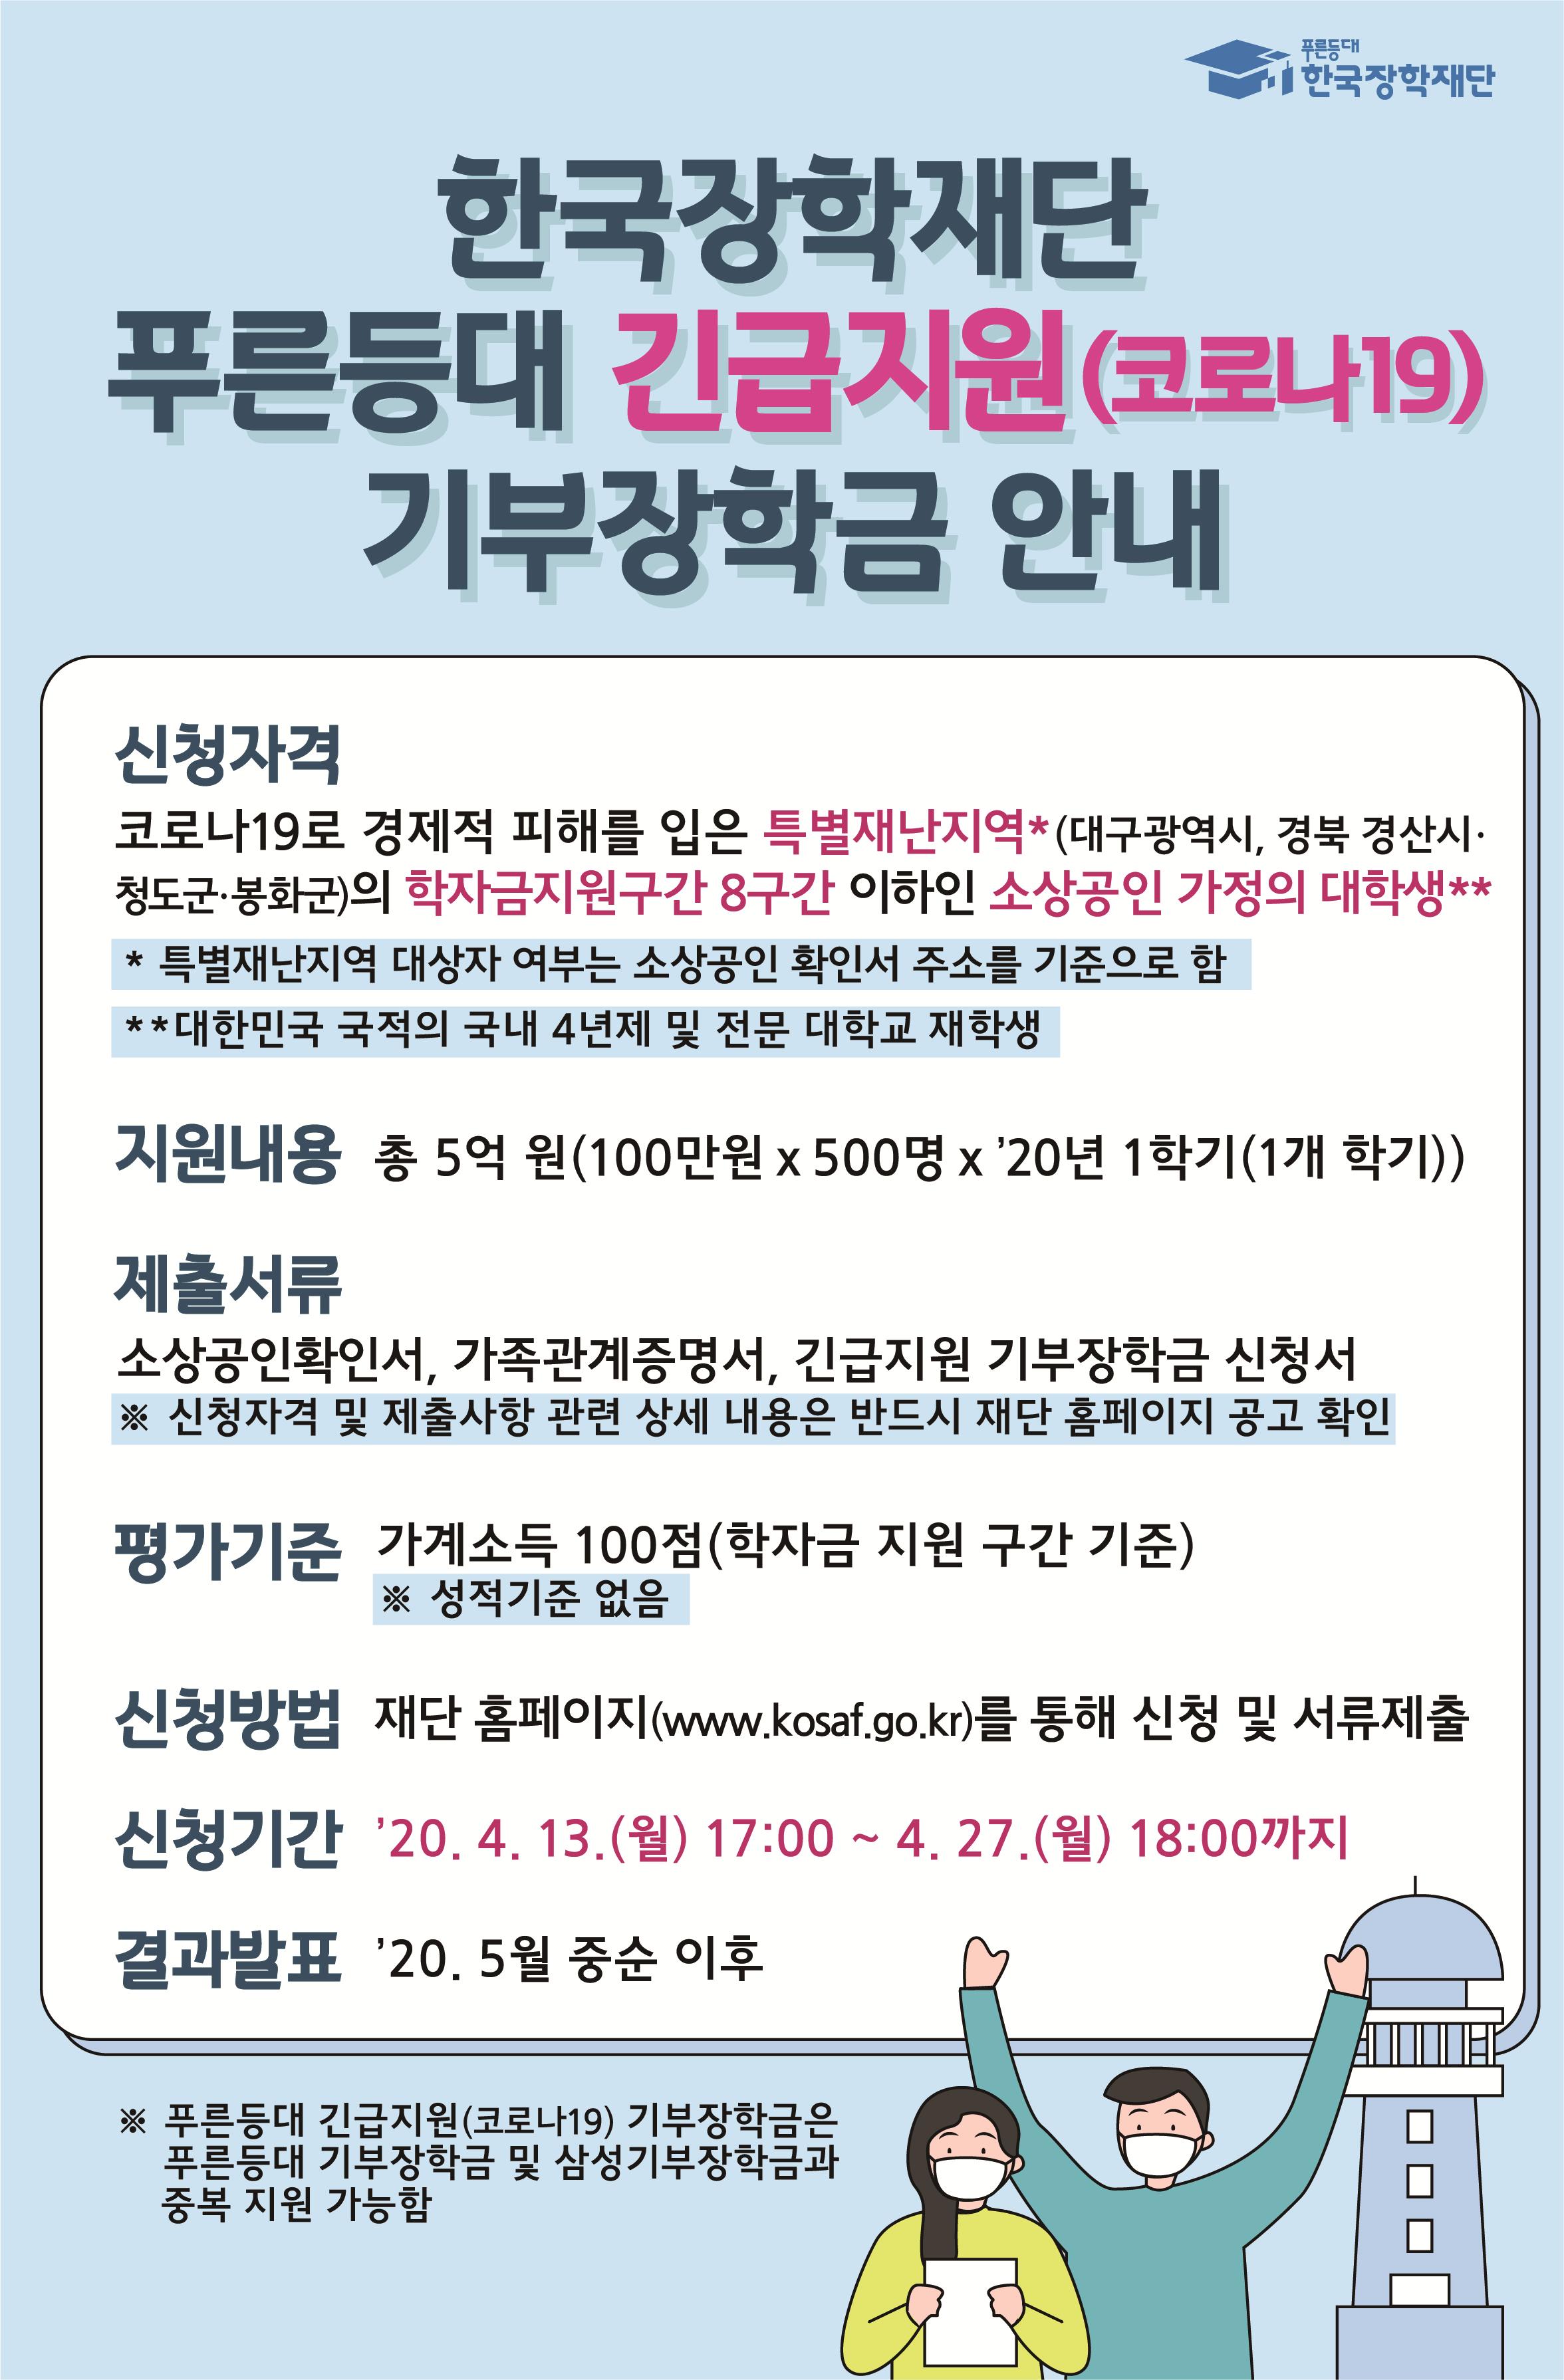 붙임2_푸른등대 긴급지원(코로나19) 포스터.png